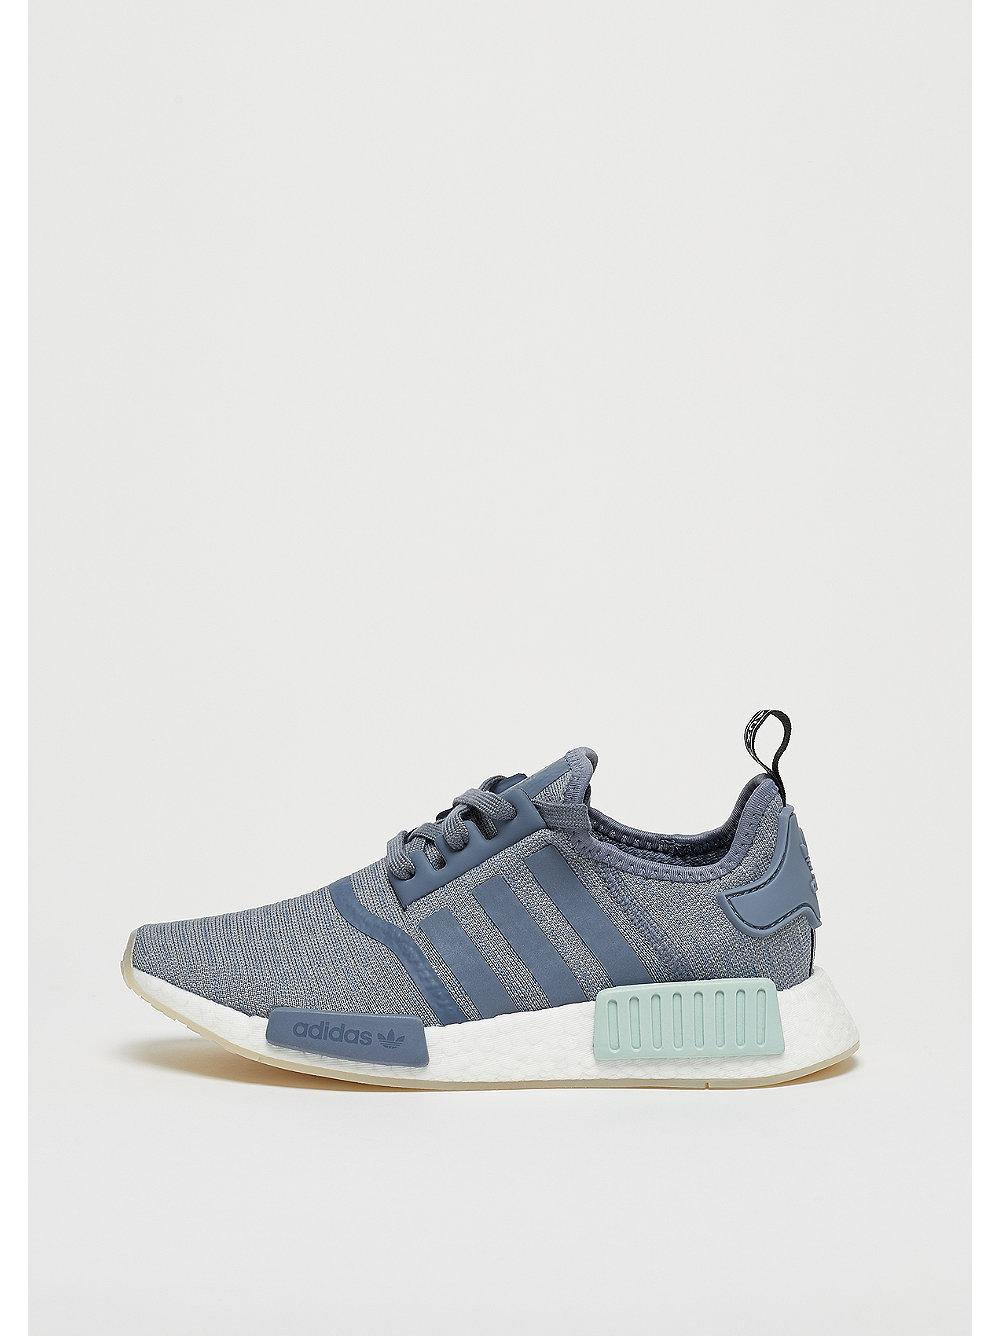 adidas nmd r1 online bestellen